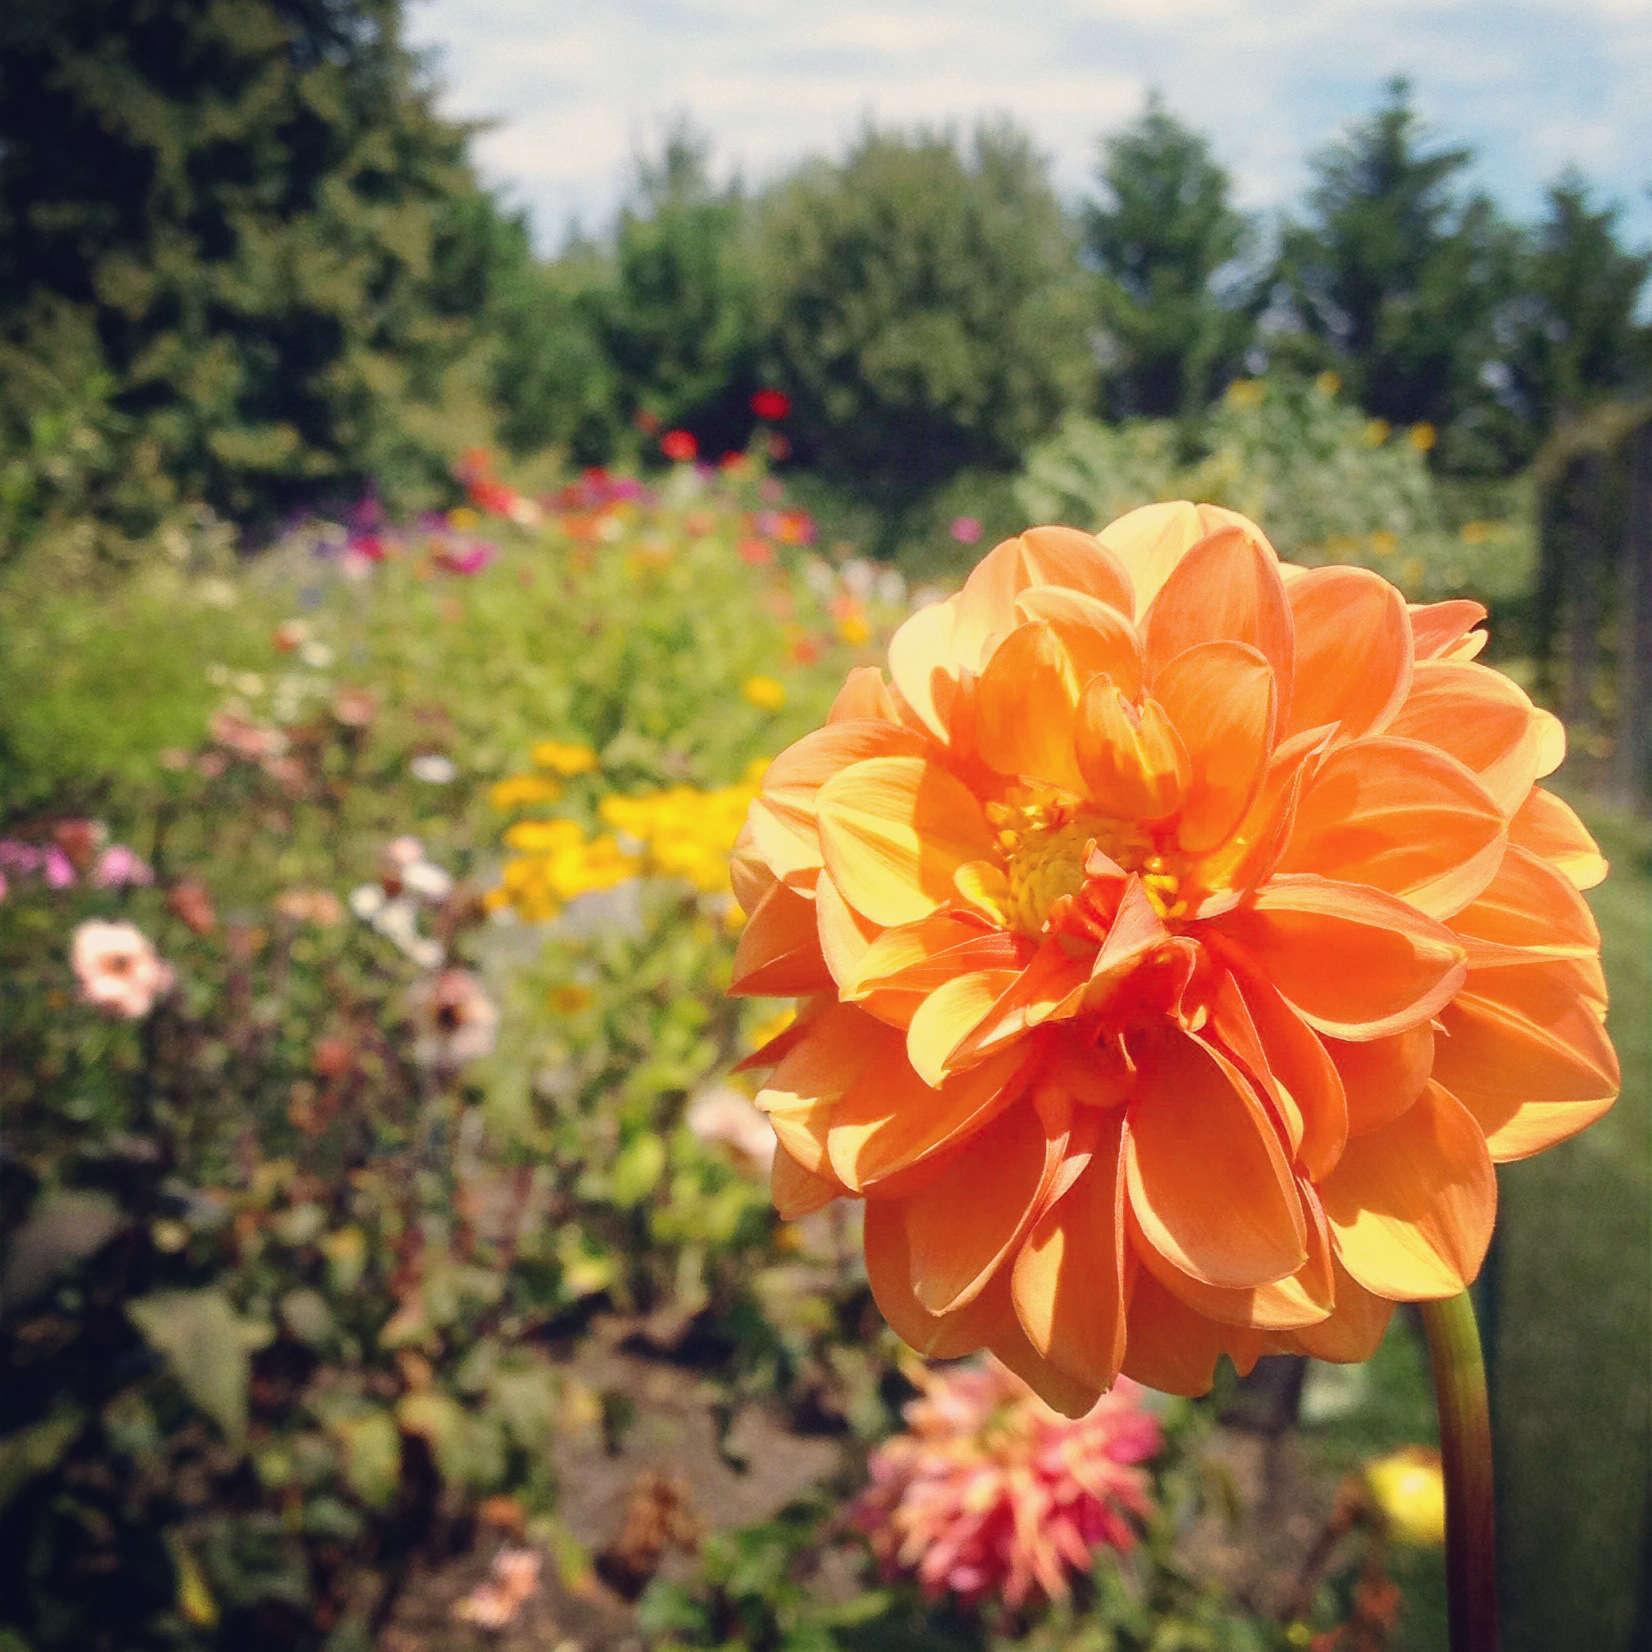 Petal by Pedal Flowers Growing in Field